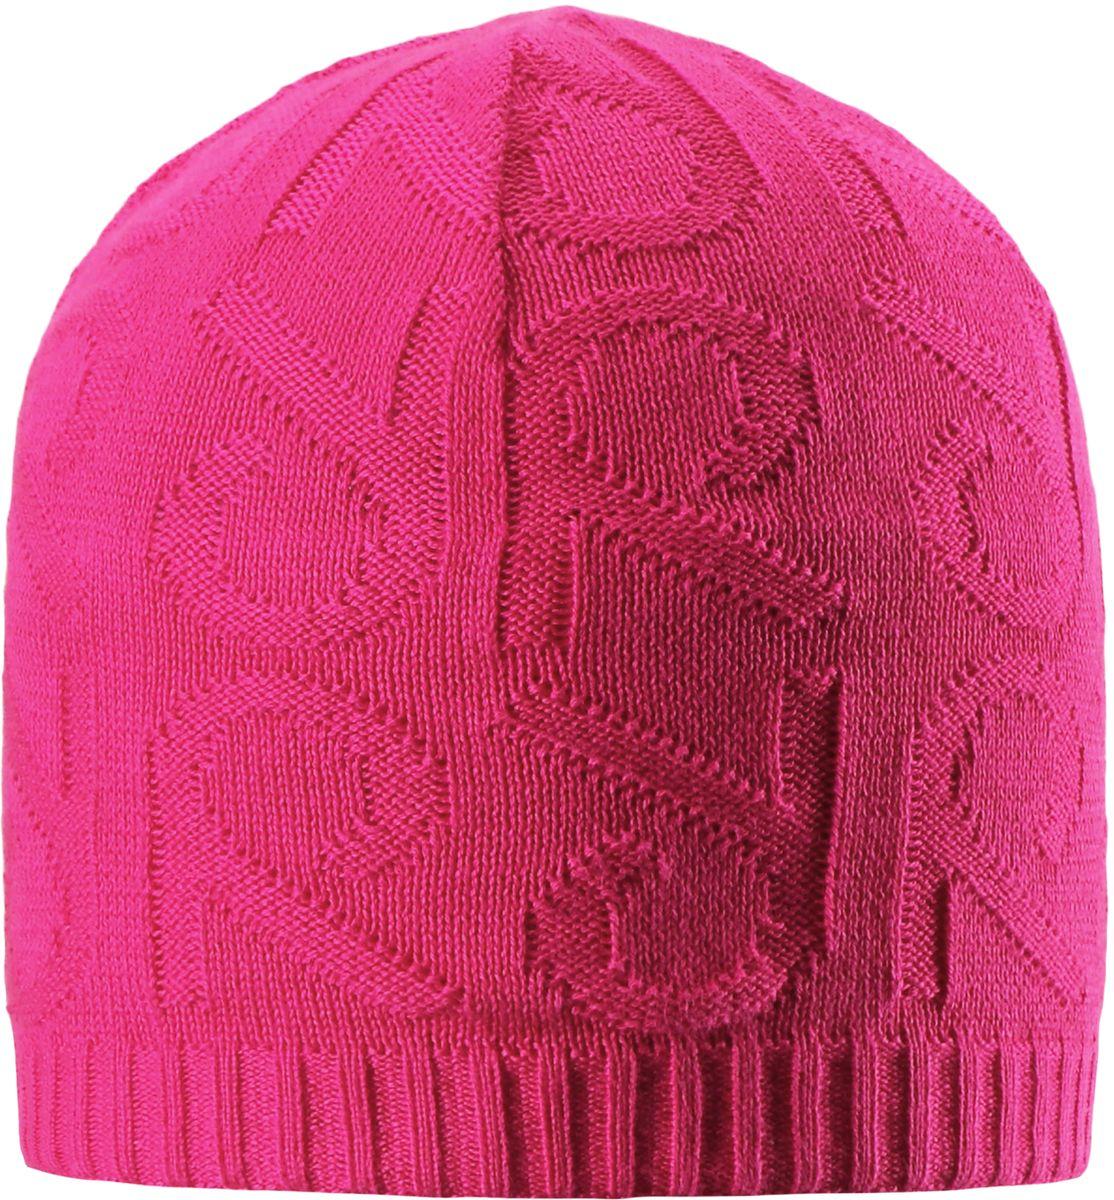 Шапка детская Reima Ankkuri, цвет: розовый. 5285114620. Размер 525285114620Стильная вязаная шапочка для малышей подходит на все случаи жизни. Благодаря модному рисунку она отлично сочетается с разными вариантами одежды. Полуподкладка из хлопчатобумажного трикотажа гарантирует тепло, а ветронепроницаемые вставки между верхним слоем и подкладкой, защищают уши. Светоотражающие детали помогут лучше разглядеть ребенка в темное время суток.